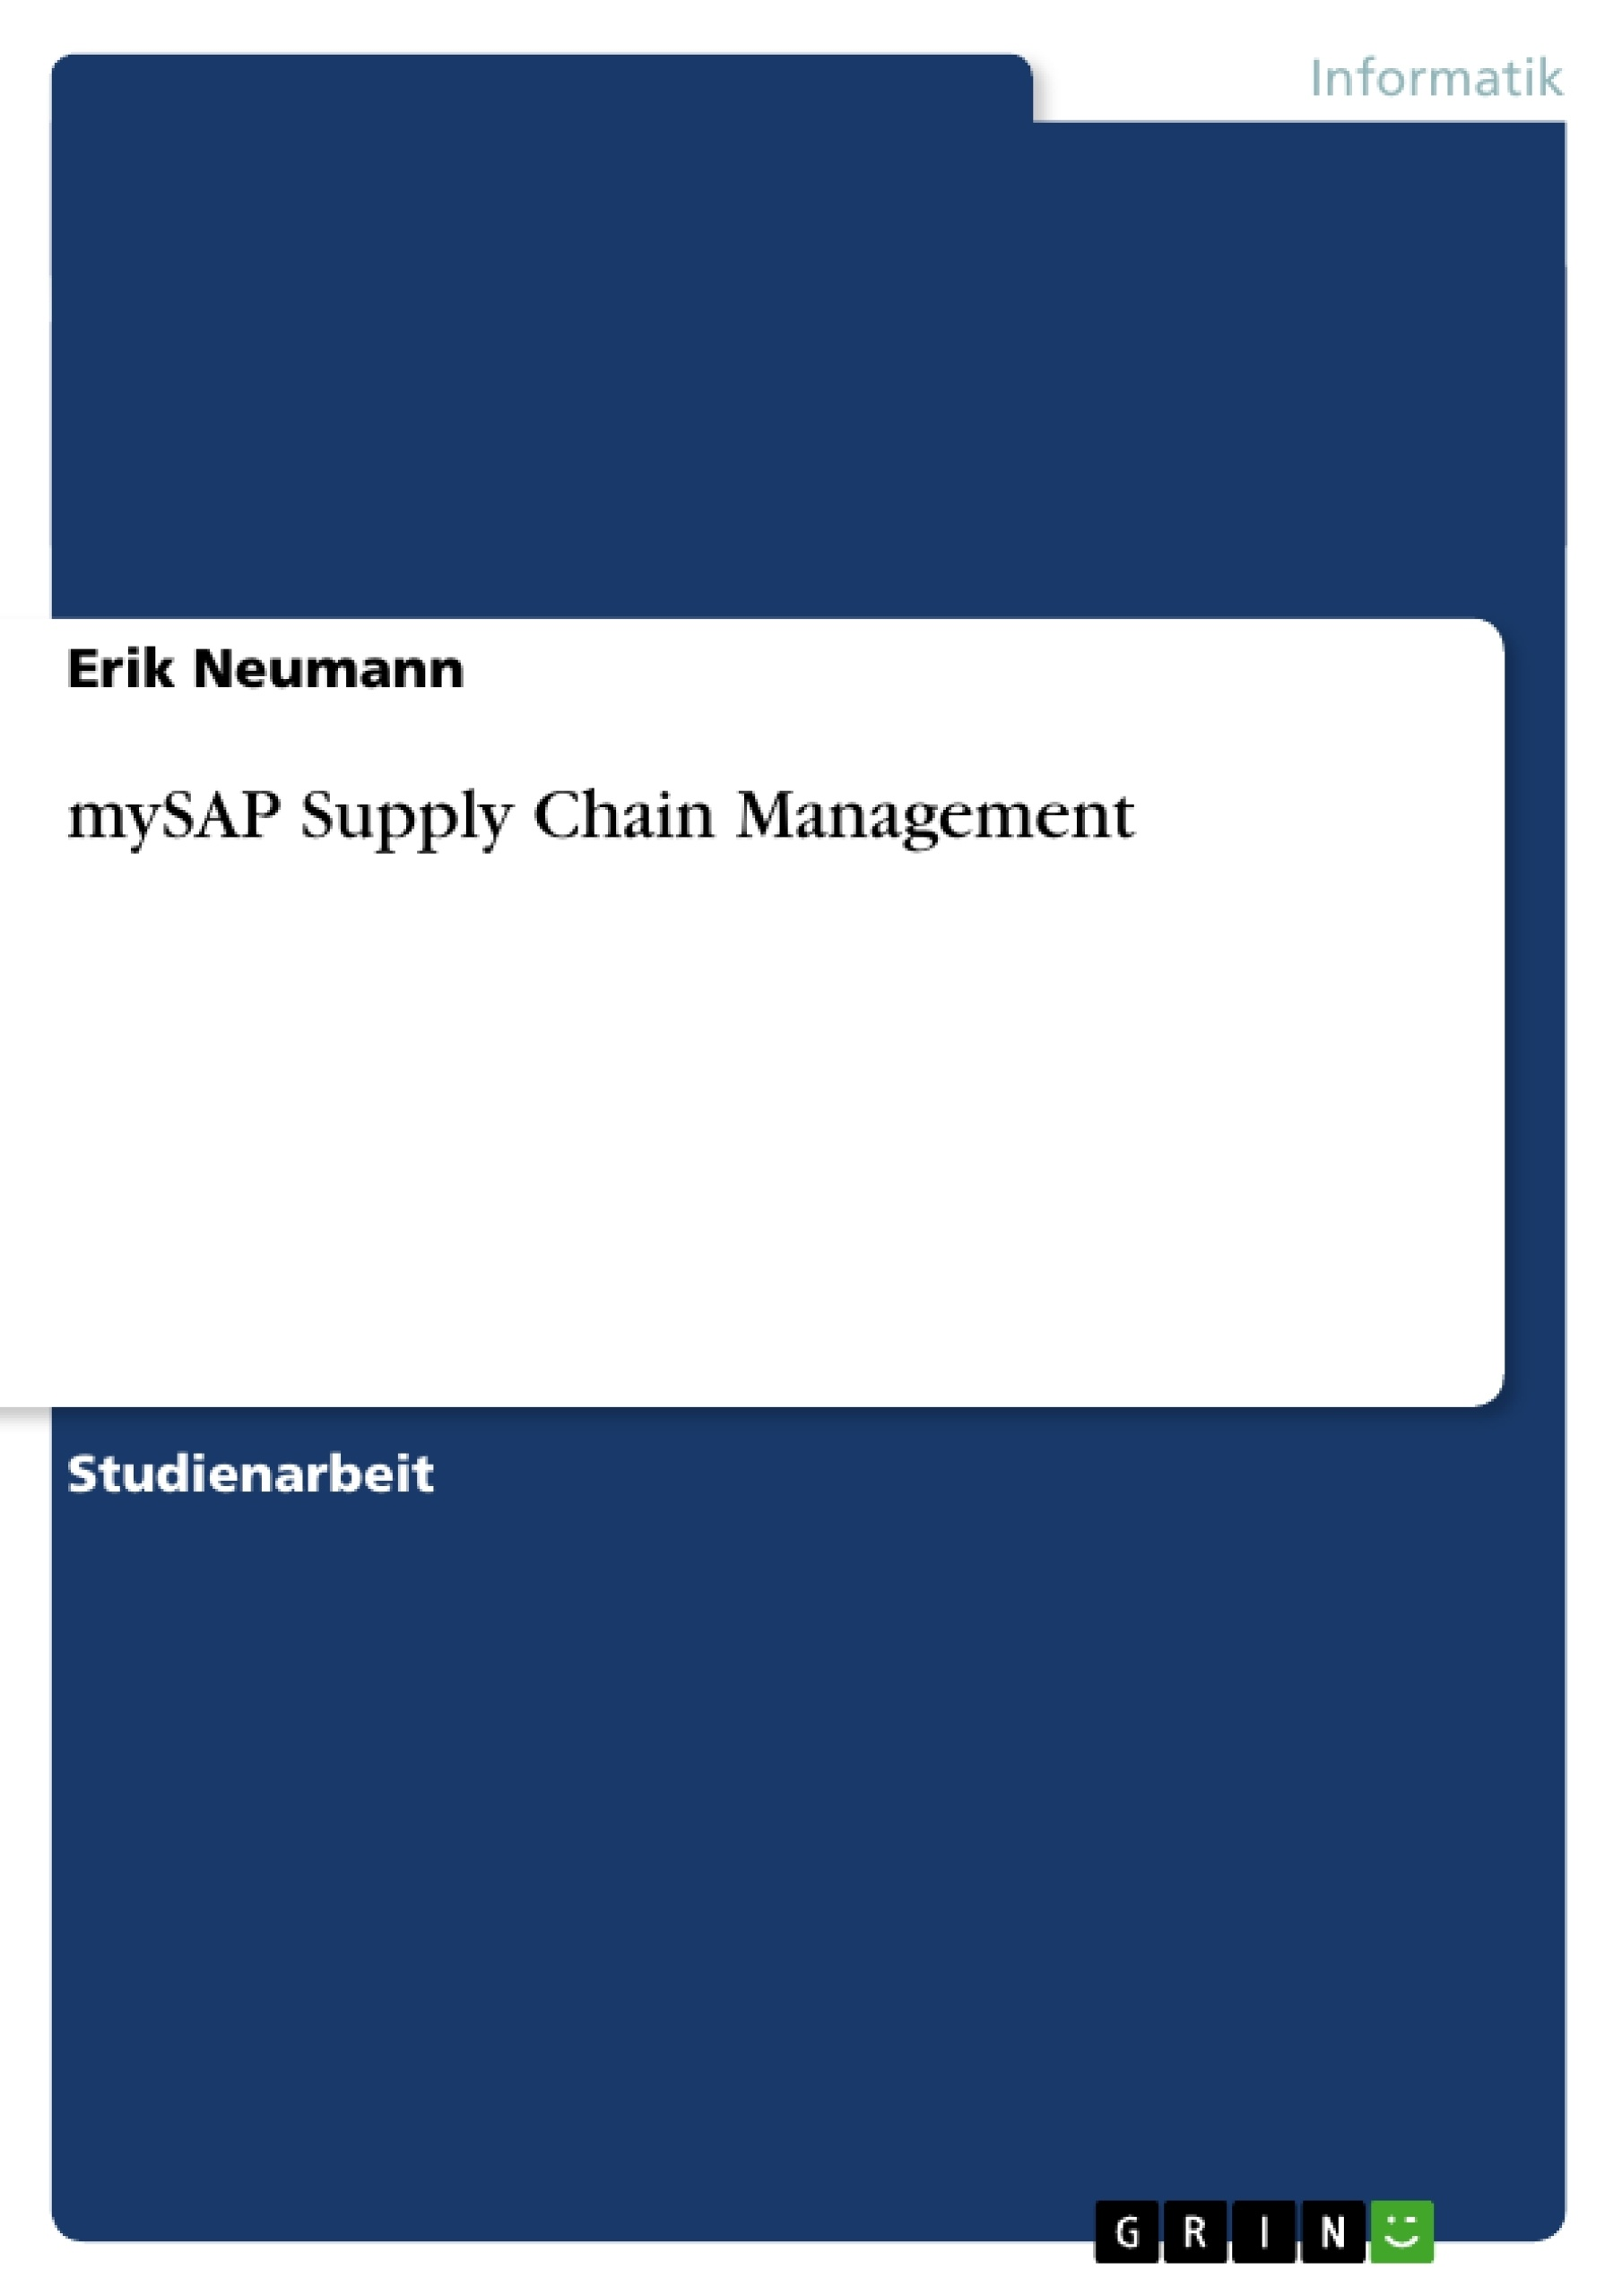 Atemberaubend Supply Chain Management Beispiele Fortsetzen Bilder ...